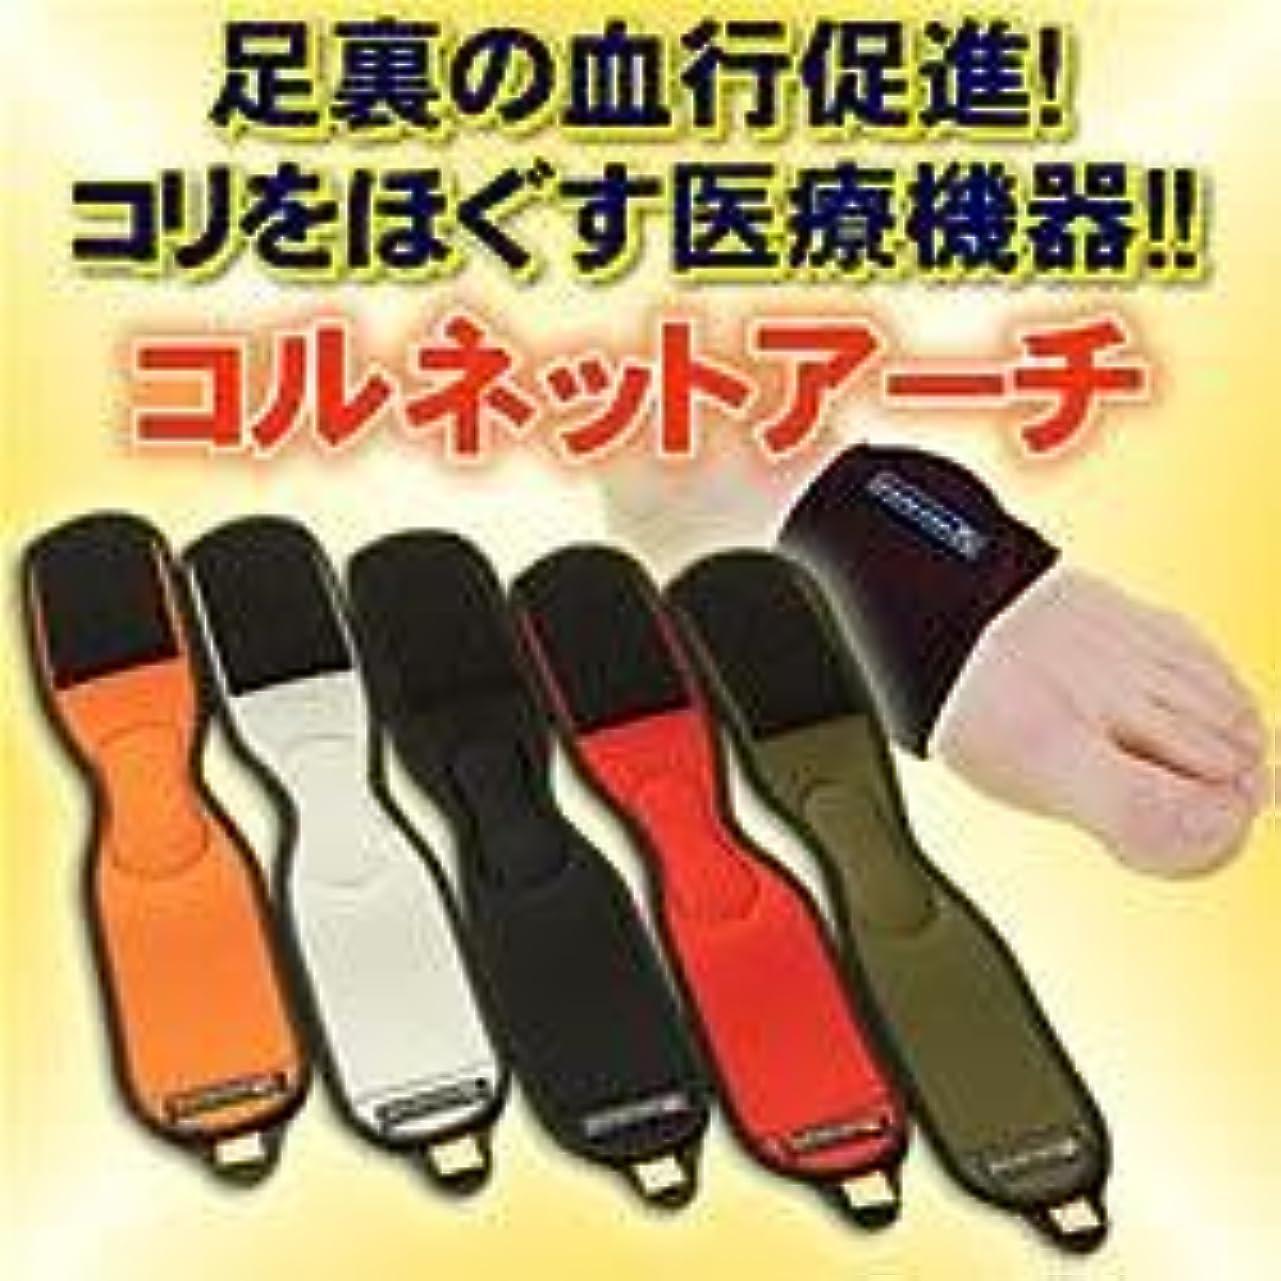 リム大砲ゲーム足裏軽快 コルネットアーチ 2枚組 p-9060 (ブラック&オレンジ)